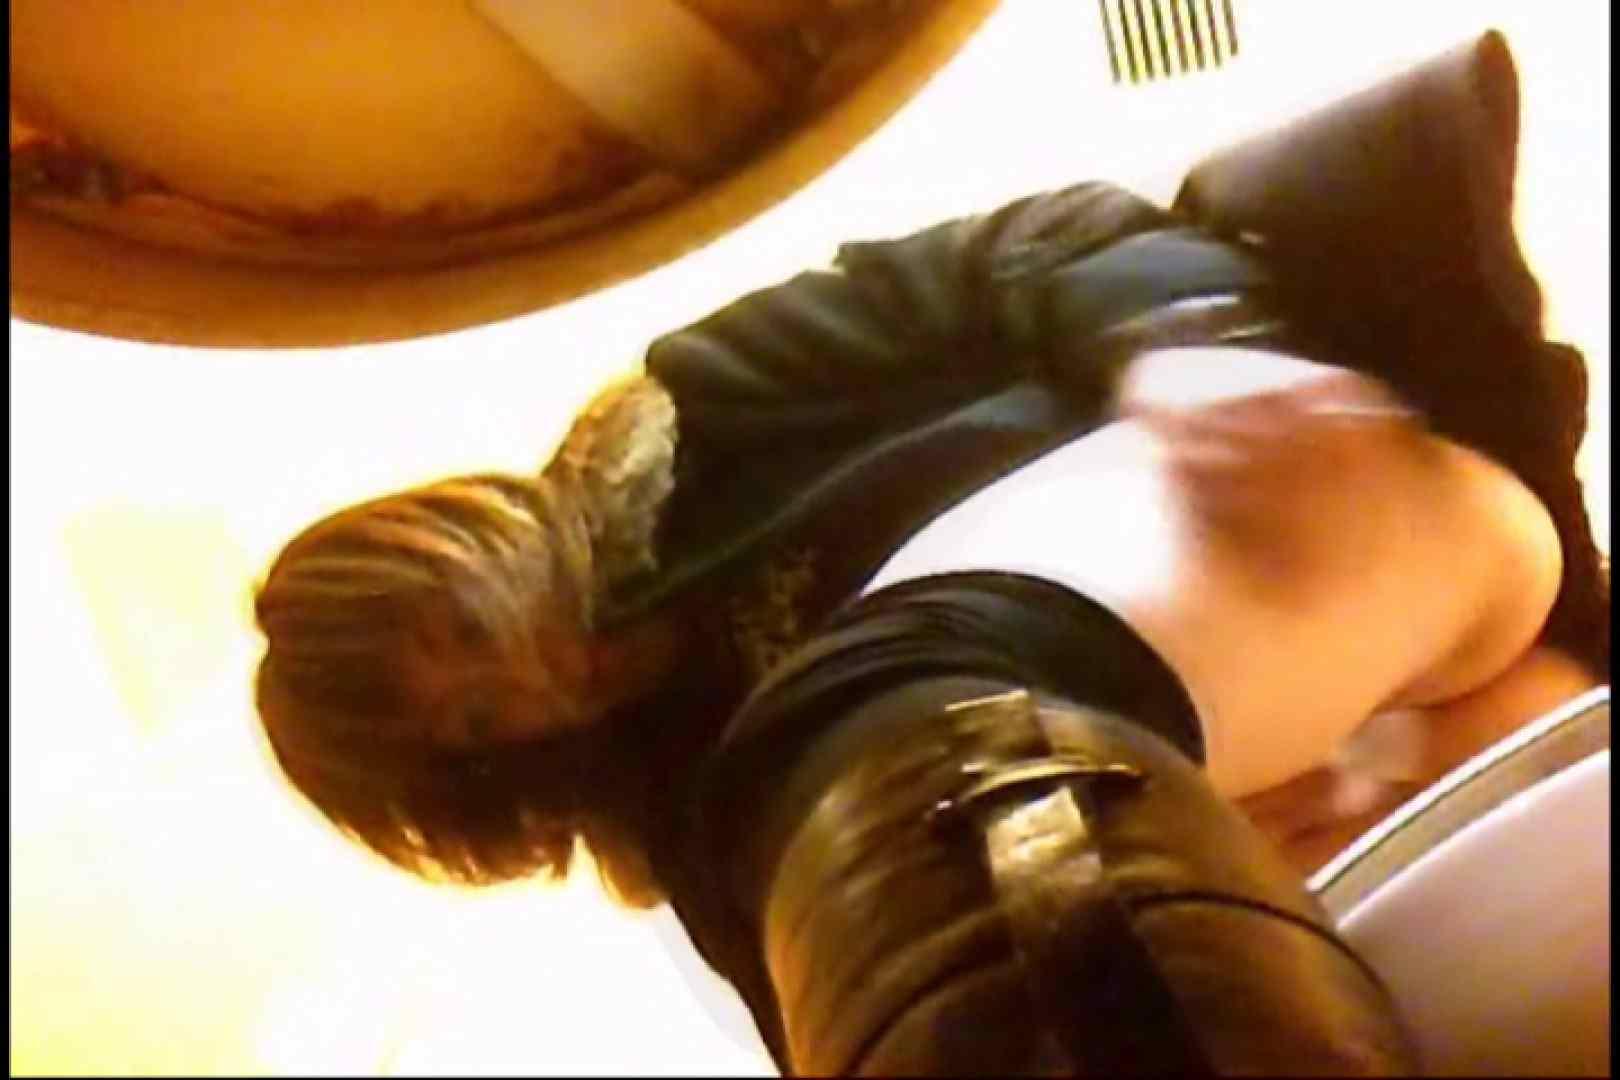 マダムが集まるデパートお手洗い Vol.14 エッチなOL オマンコ動画キャプチャ 105枚 68